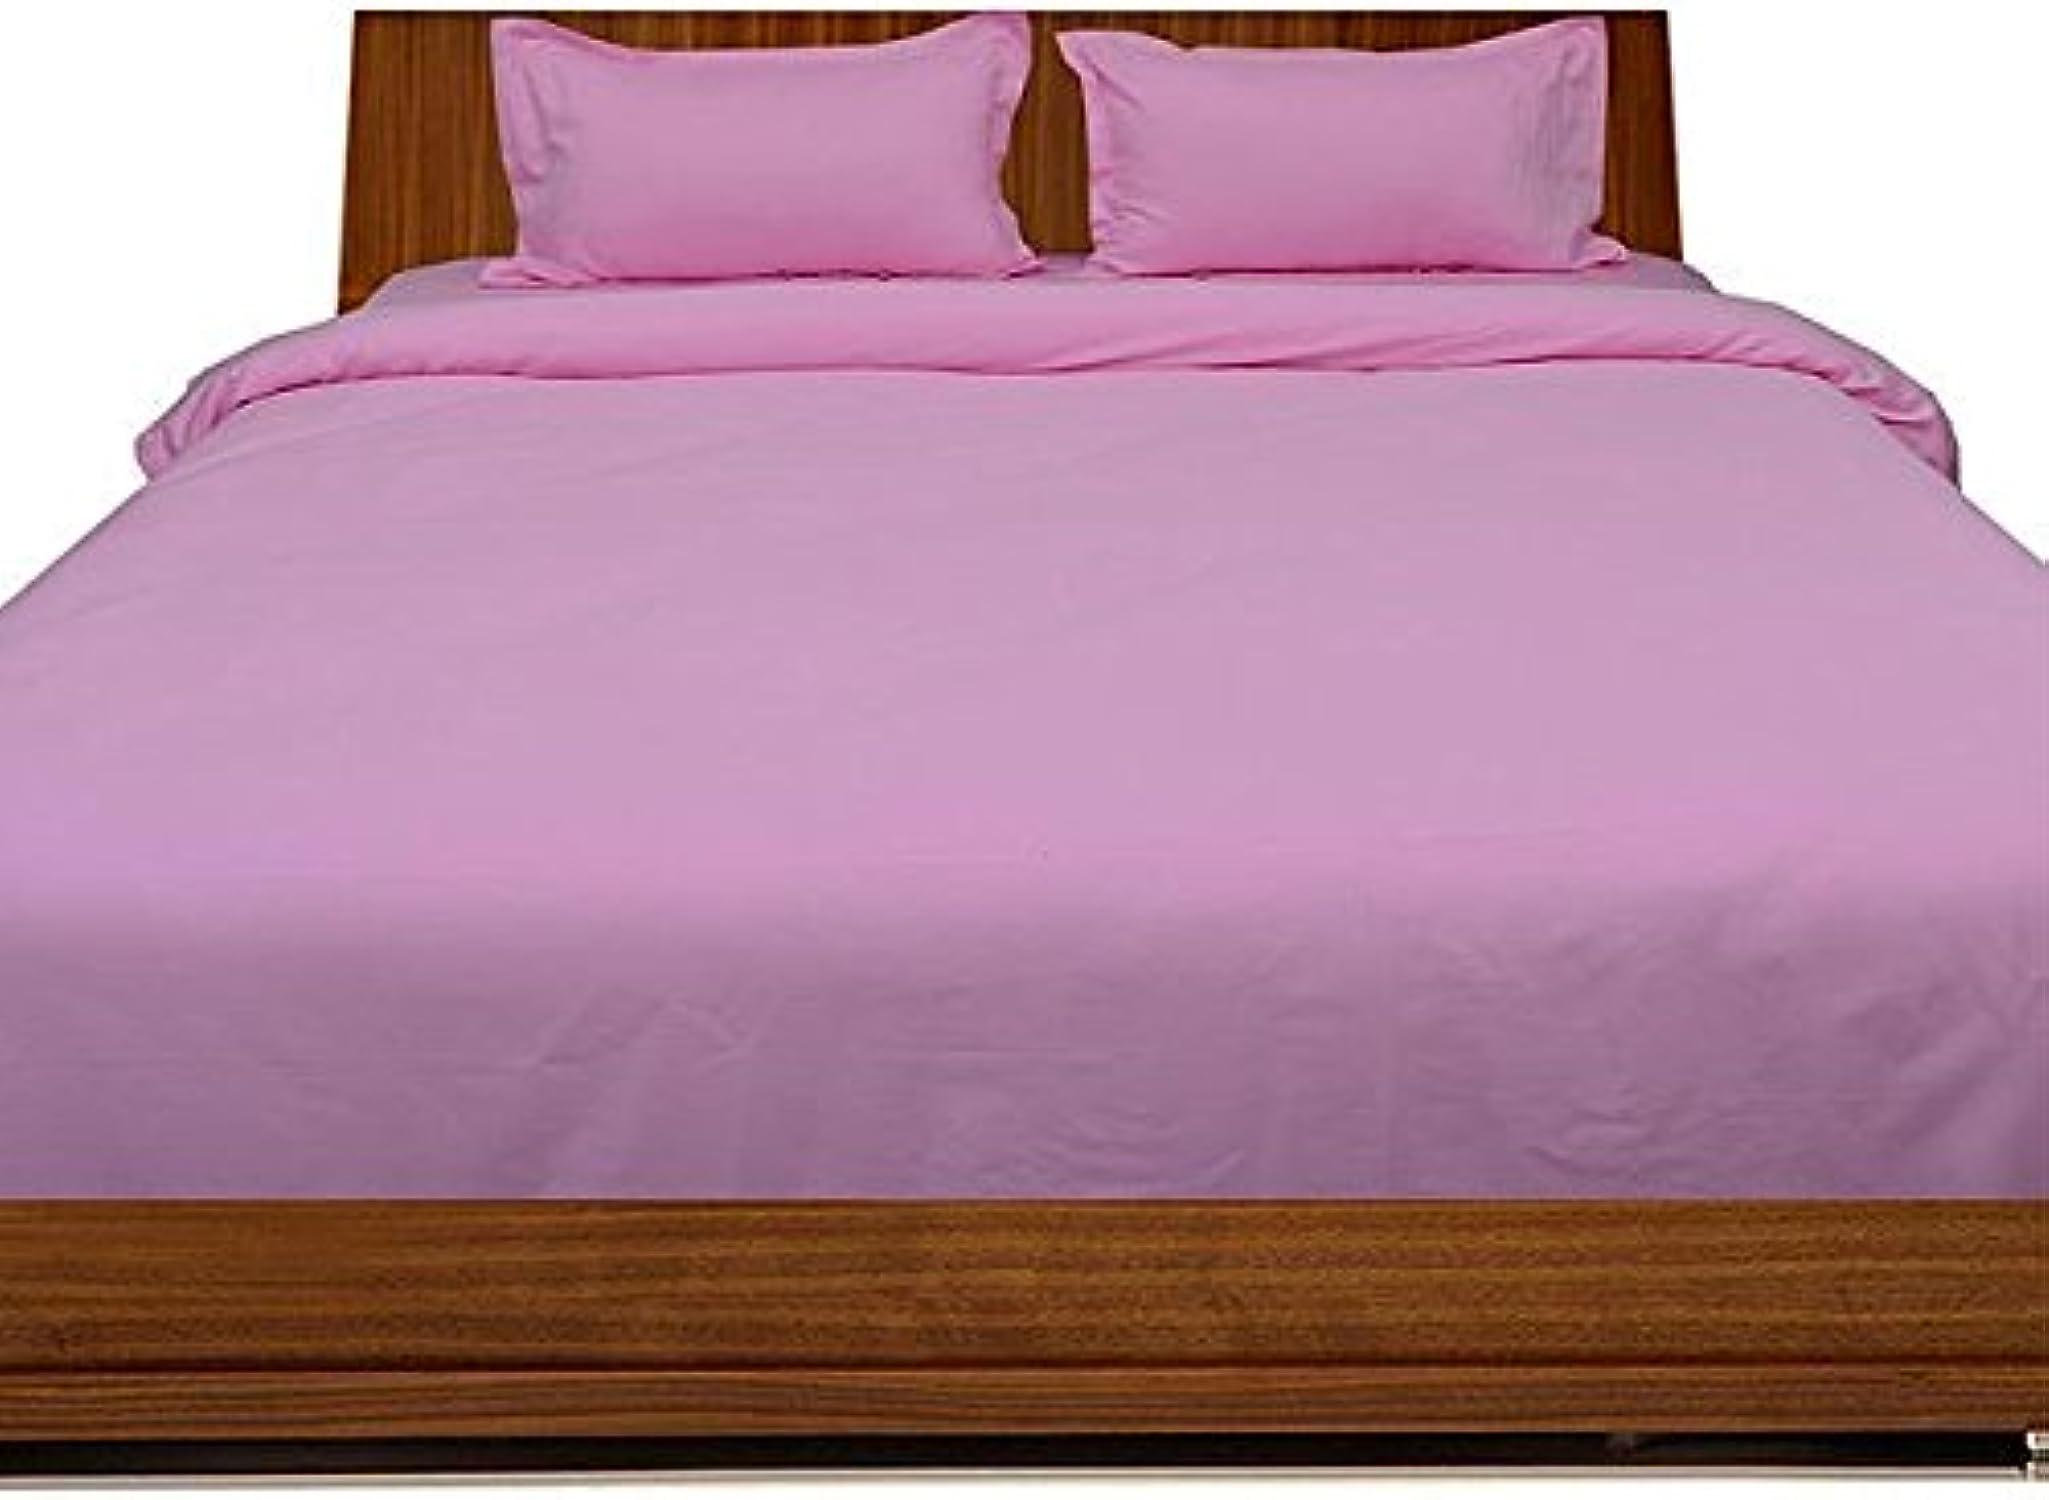 Linge de lit en coton égypcravaten 300 fils cm2 - 26 cm Pocket Sheet enfoncés avec oreiller Euro Double IKEA rose Solid 300TC 100%  coton